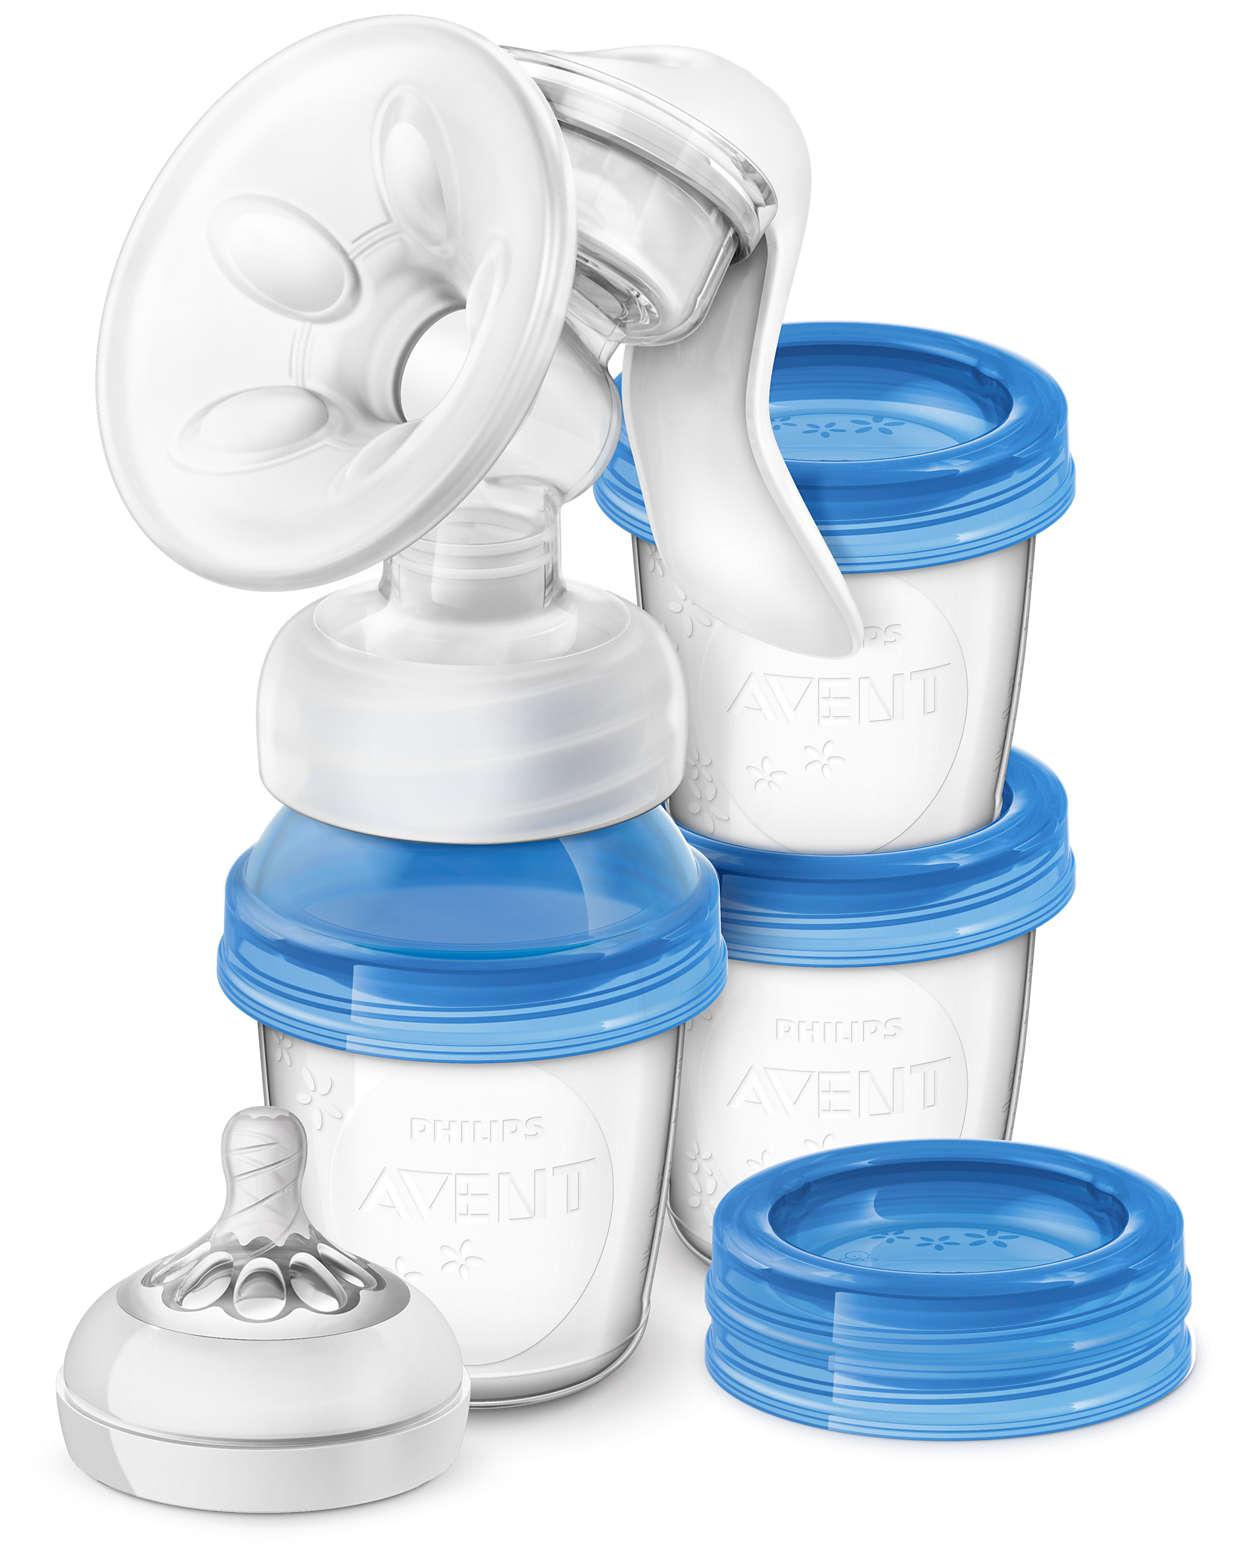 Mjölk till barnet och bekvämlighet för mamma